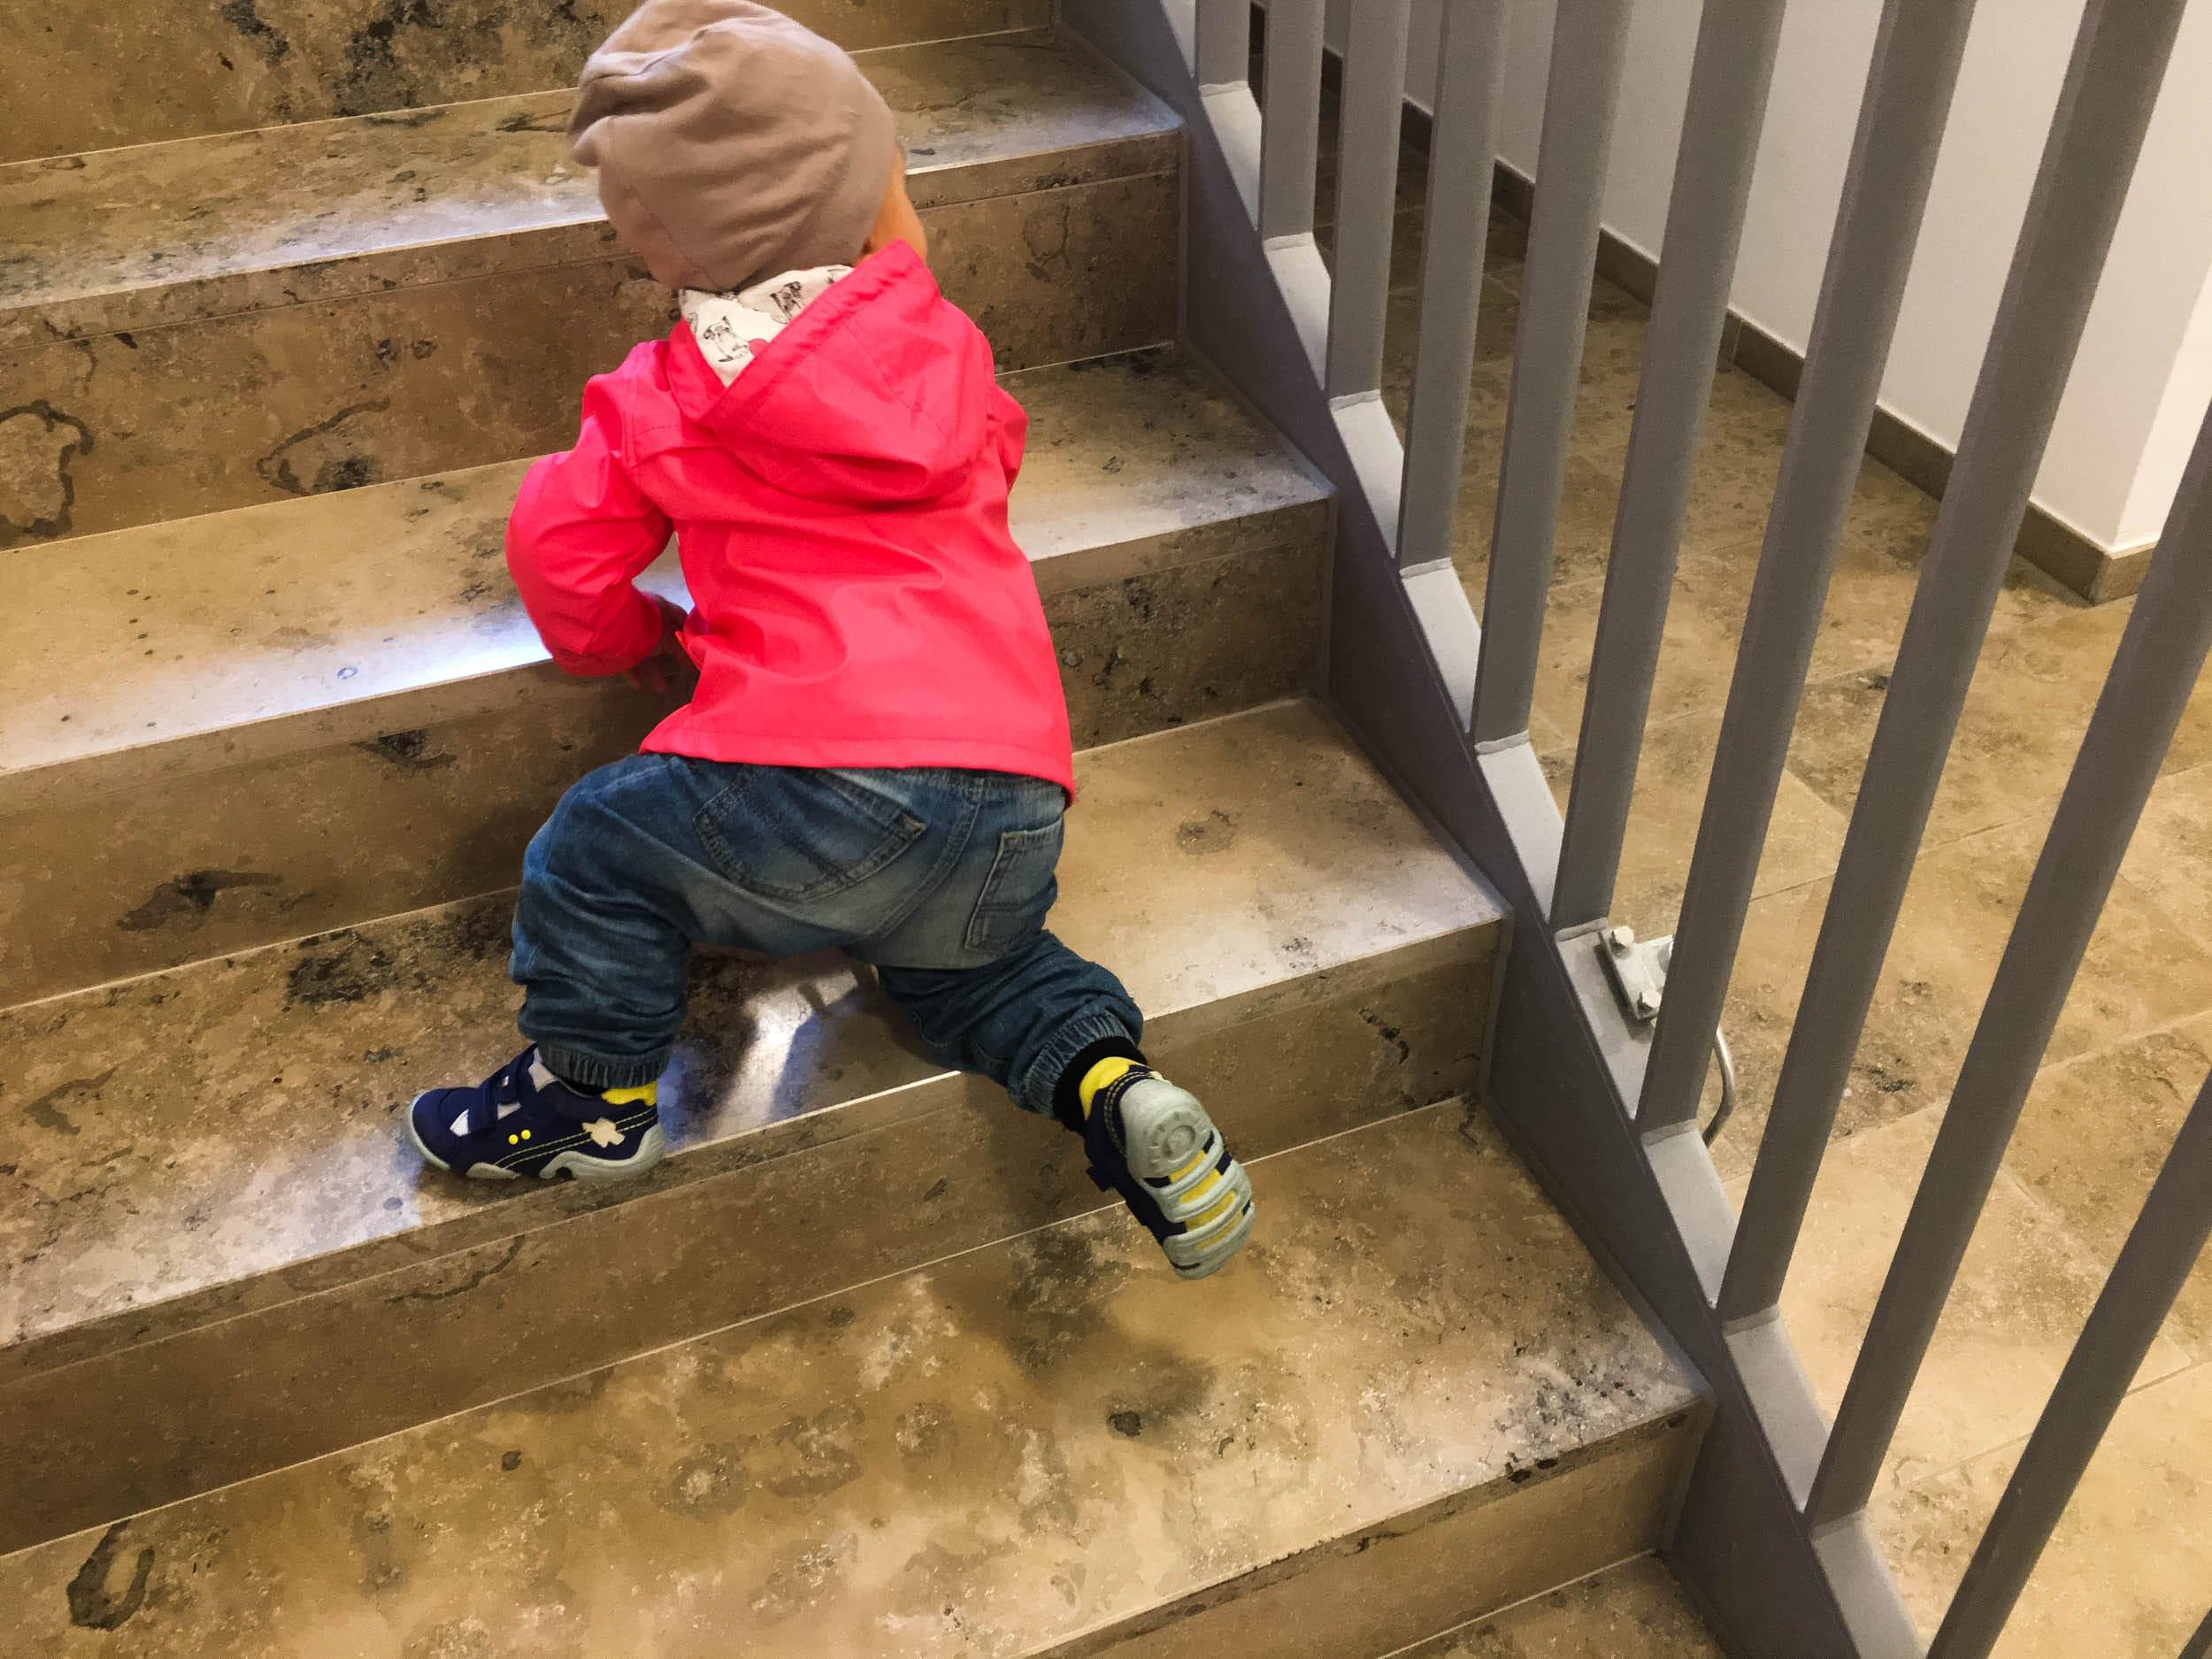 Wochenende in Bildern | Leben mit Kind | Alltag | Treppen steigen | alleine machen | ivy.li